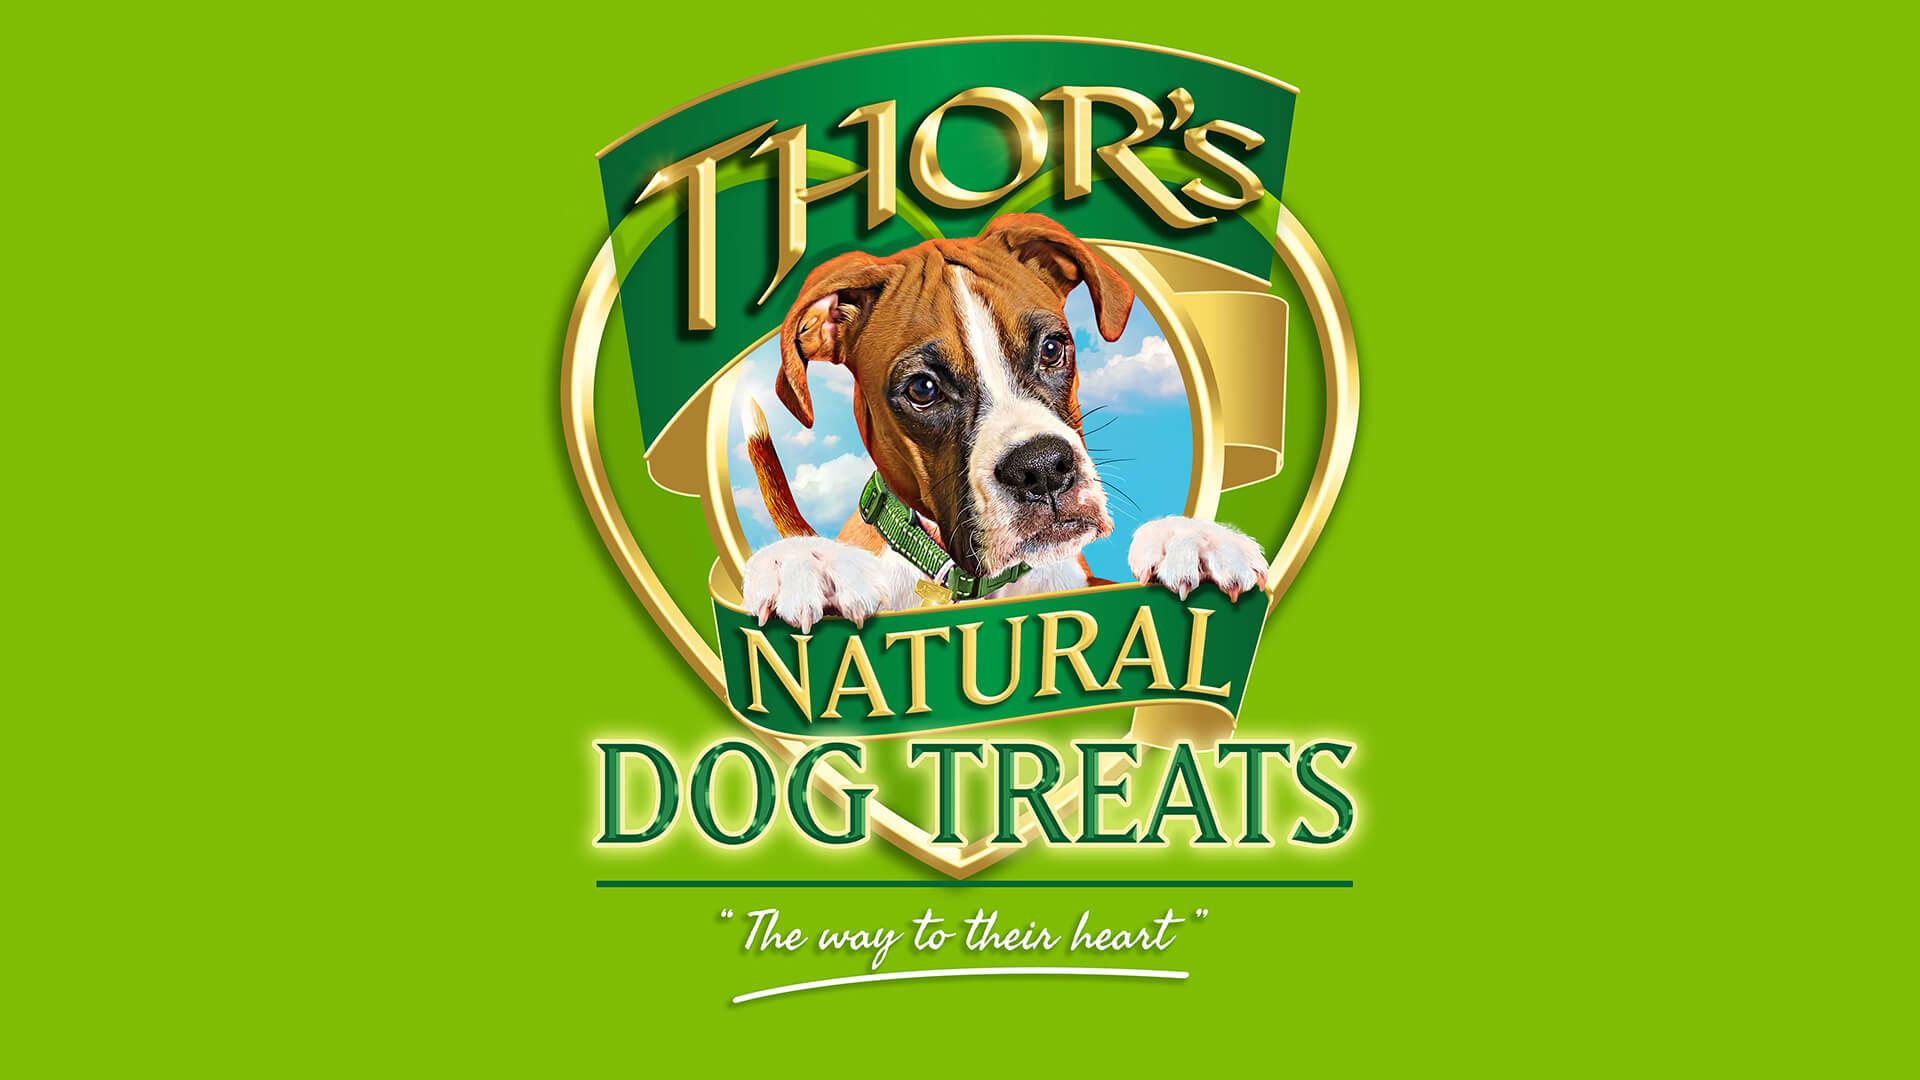 thor's natural dog treats 8